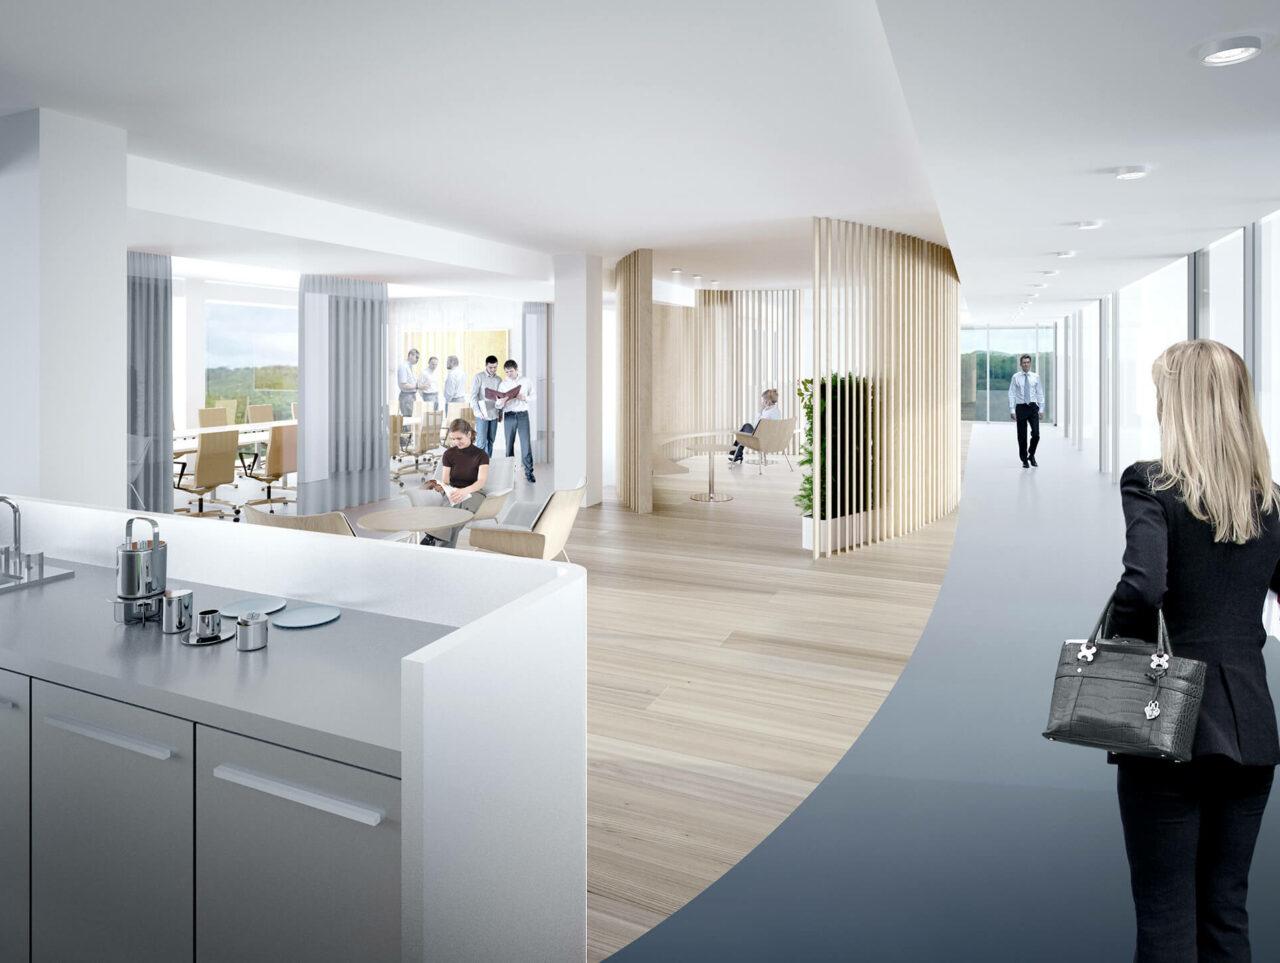 Brenntag House of Elements Essen Bürogebäude Innenarchitektur Rendering